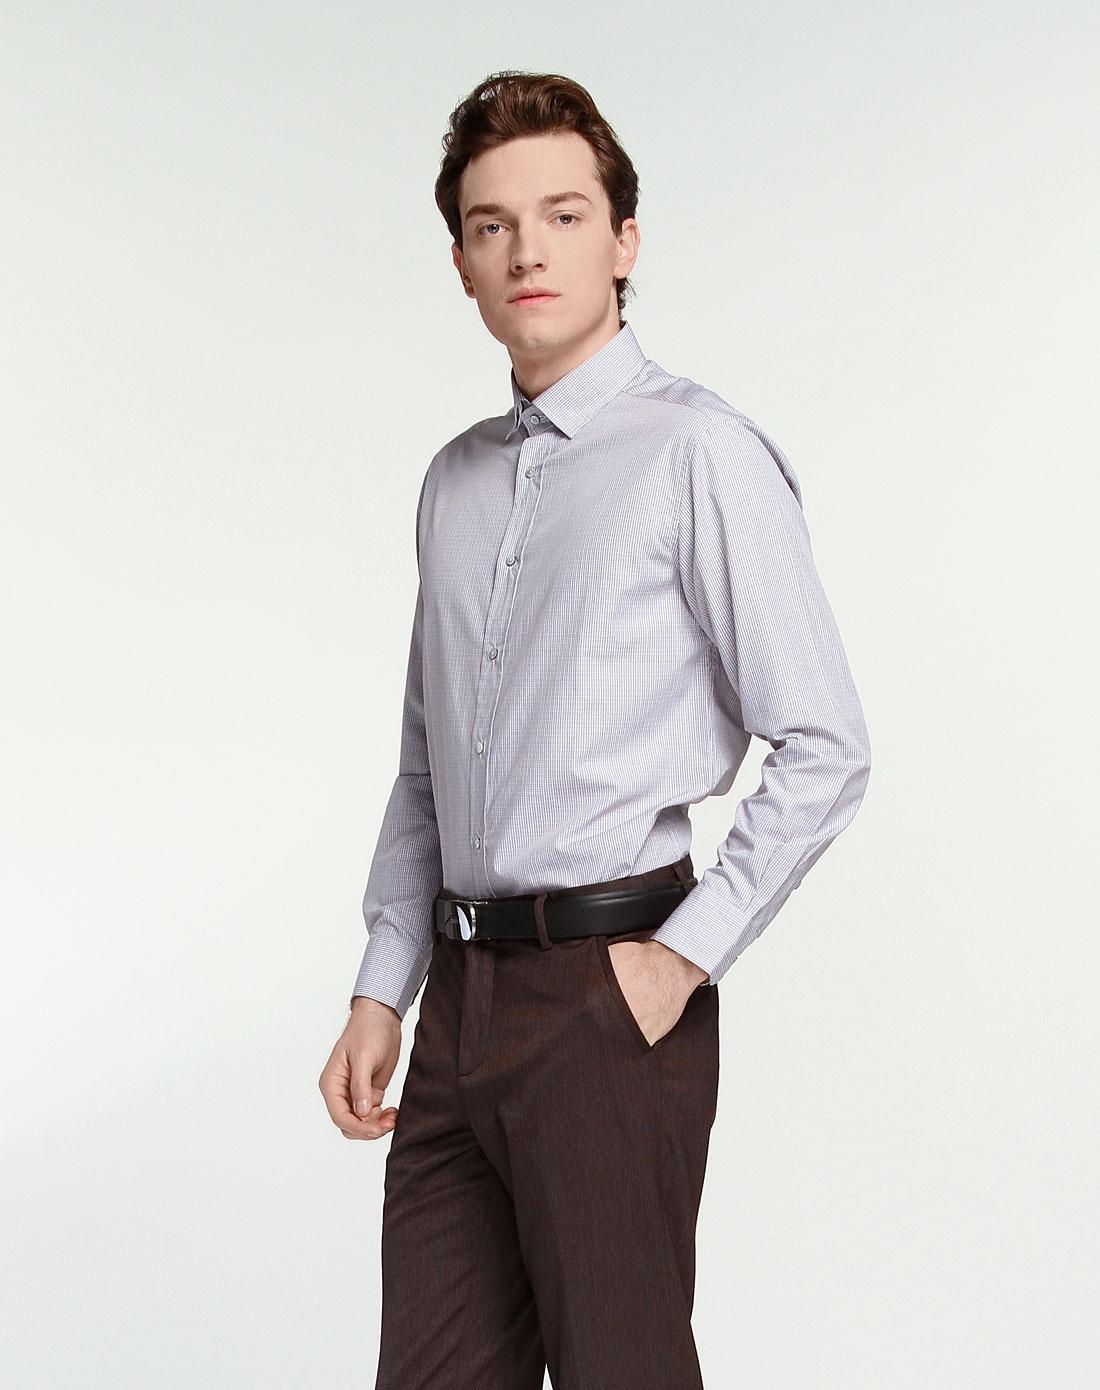 卡利斯特callisto卡其色混色格子长袖衬衫sistl049